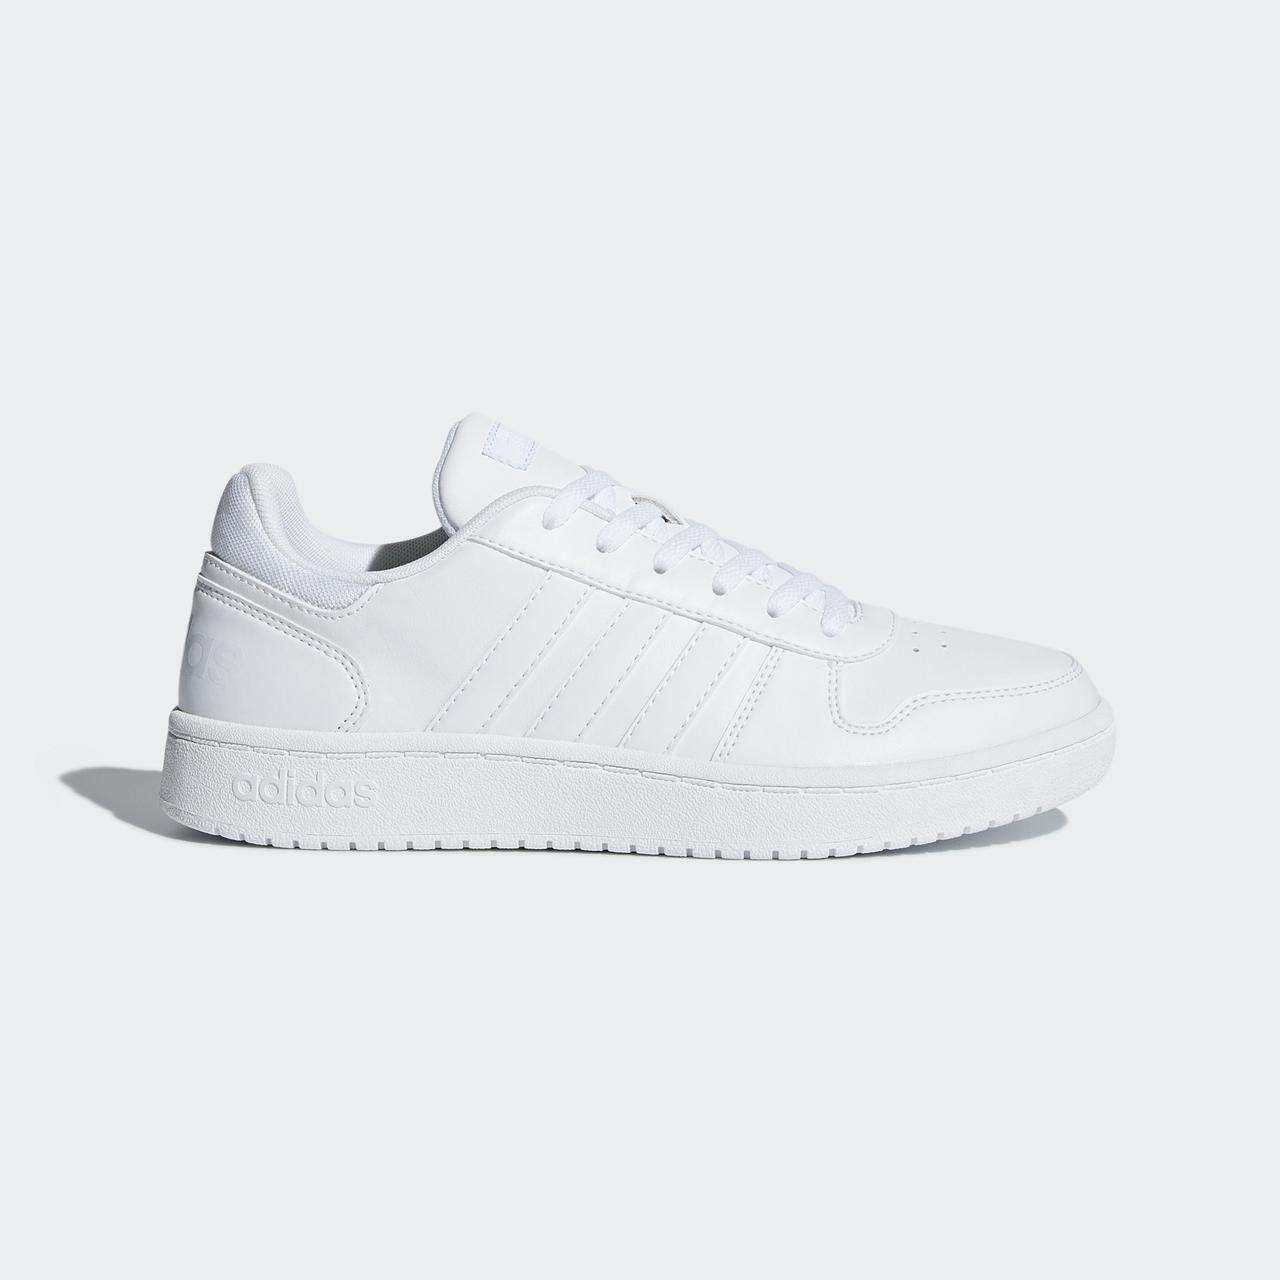 Купить Женские кроссовки Adidas Neo Vs Hoops 2.0 (Артикул  DB0328) в ... 8a8b8efd86d